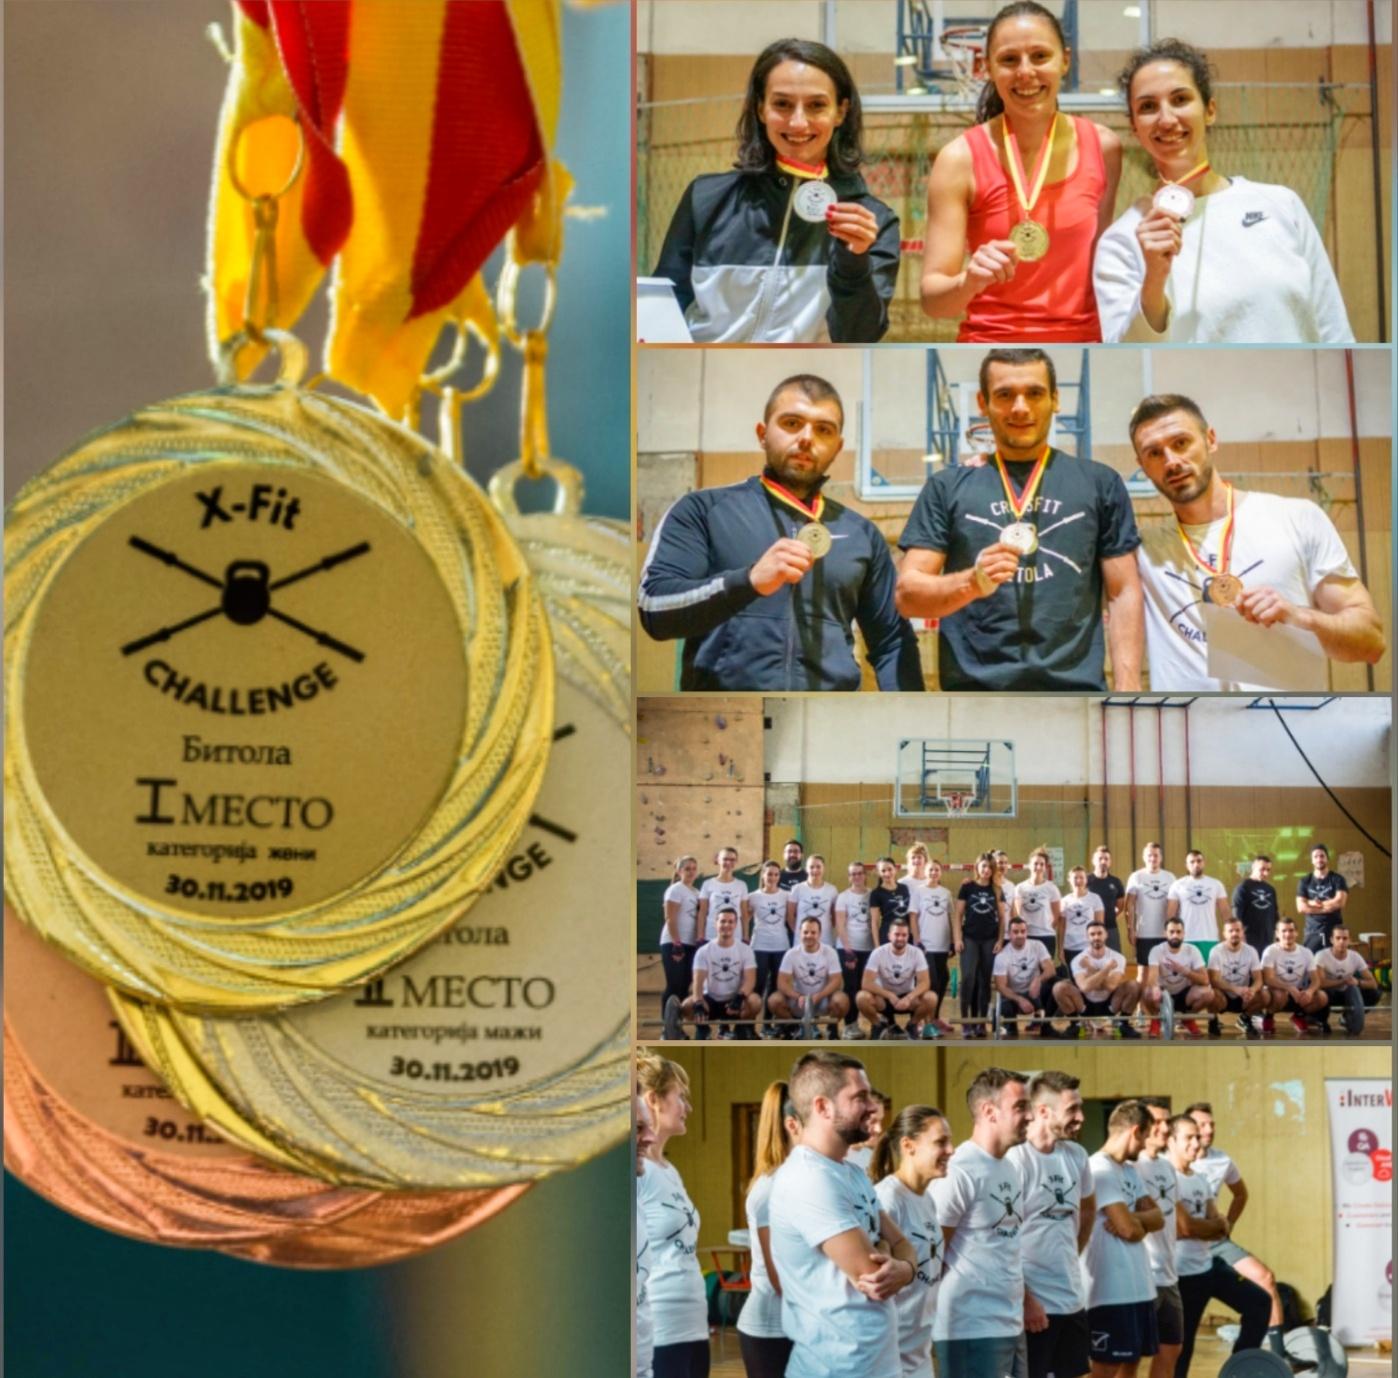 За прв пат во Битола се одржа кросфит натпревар X-Fit Challenge